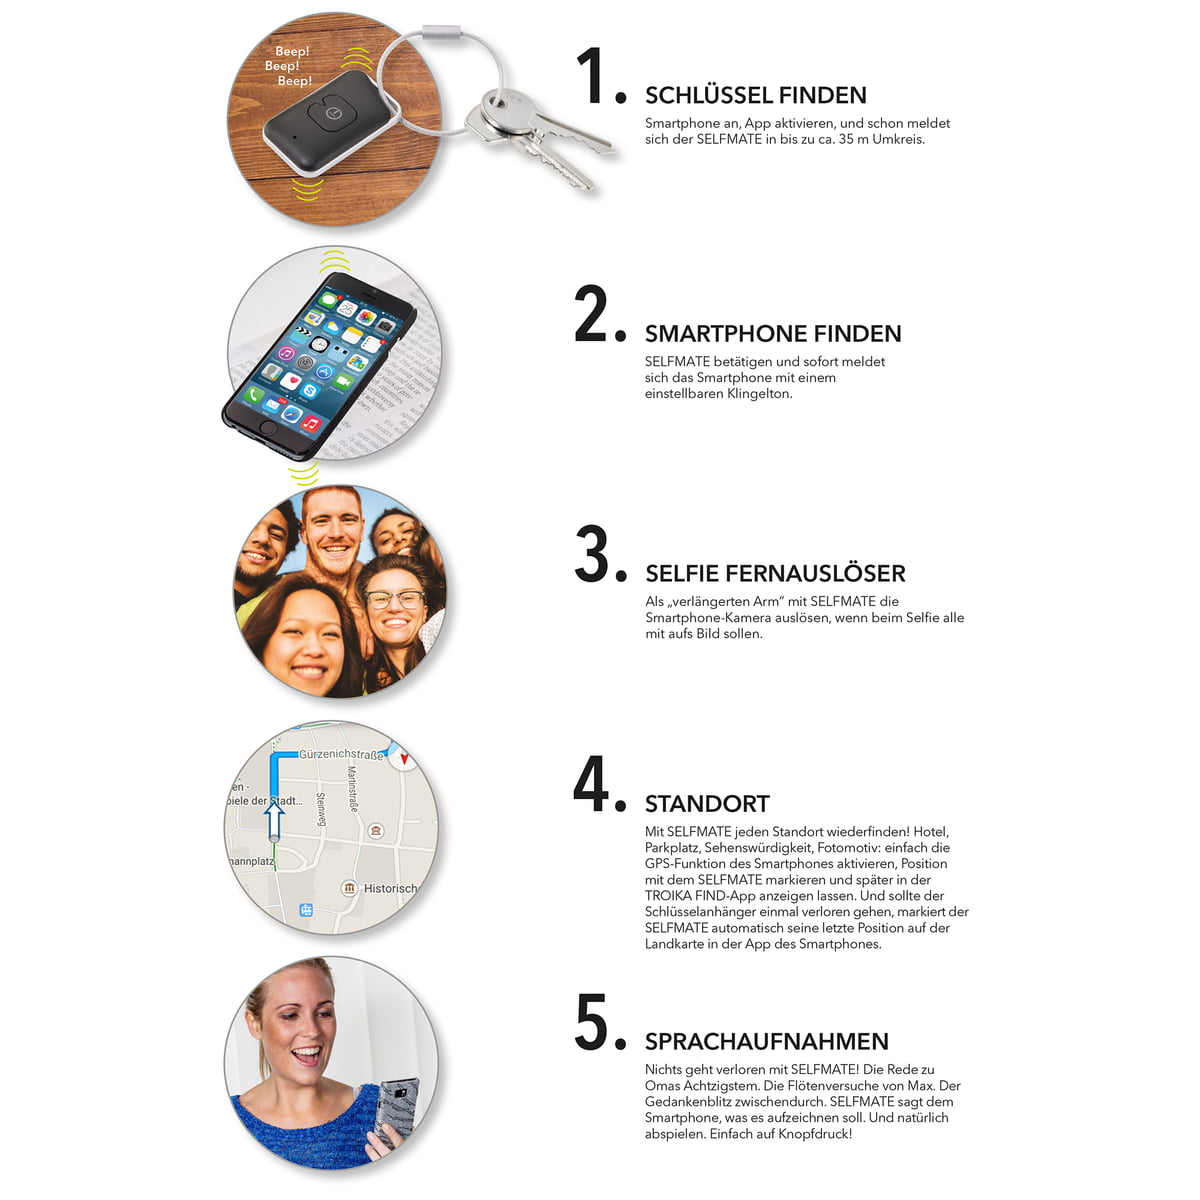 selfmate schl ssel und smartphonefinder von troika. Black Bedroom Furniture Sets. Home Design Ideas